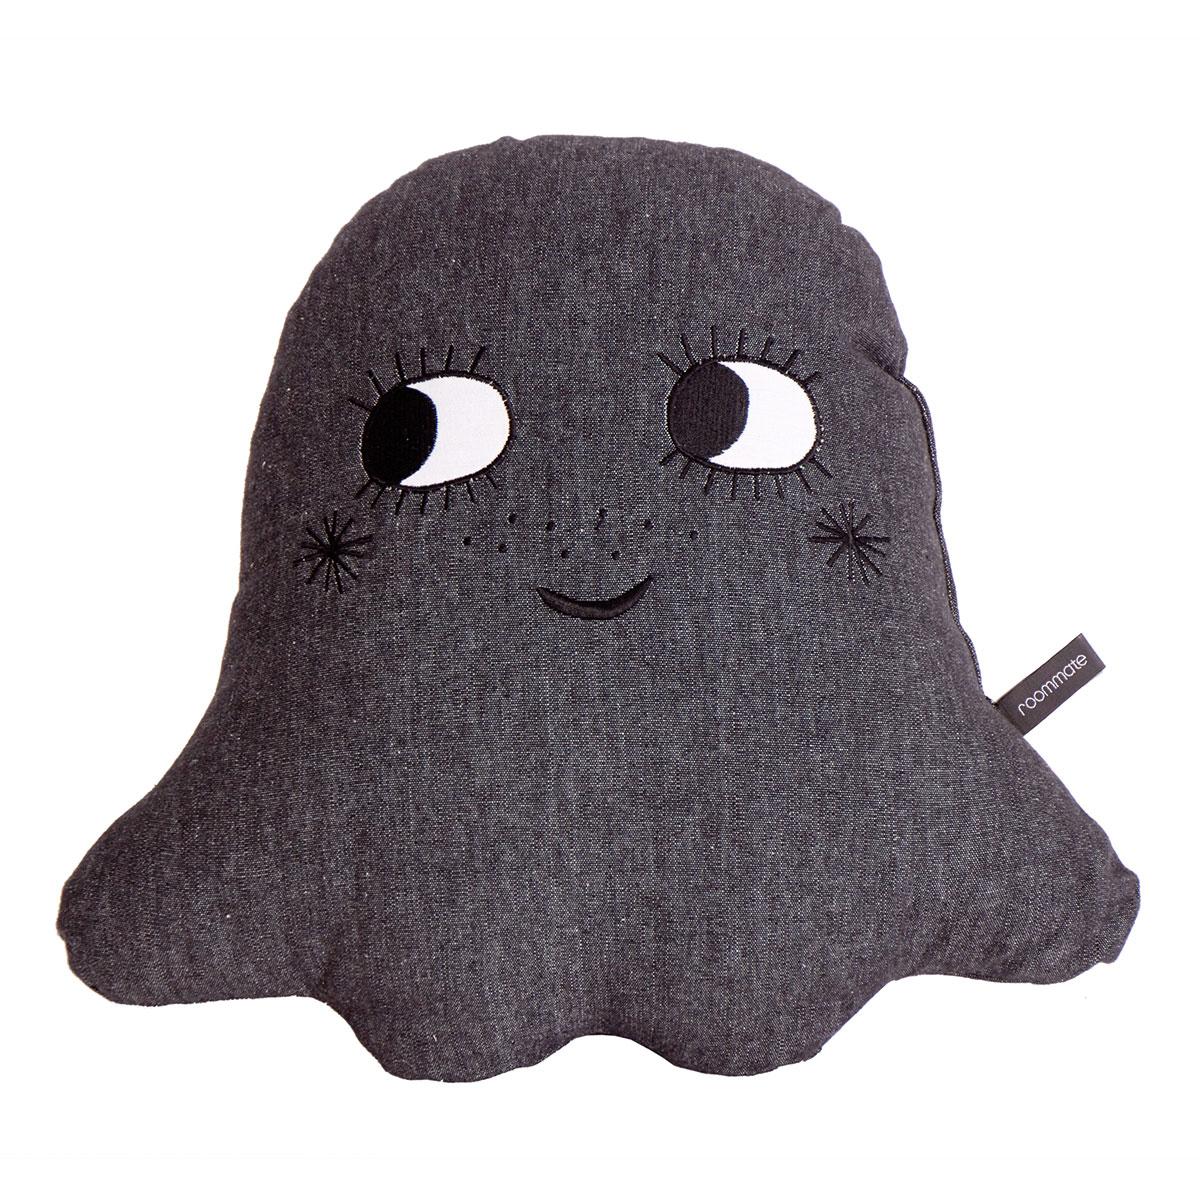 Billede af Roommate krammepude - Ghost - Antracit